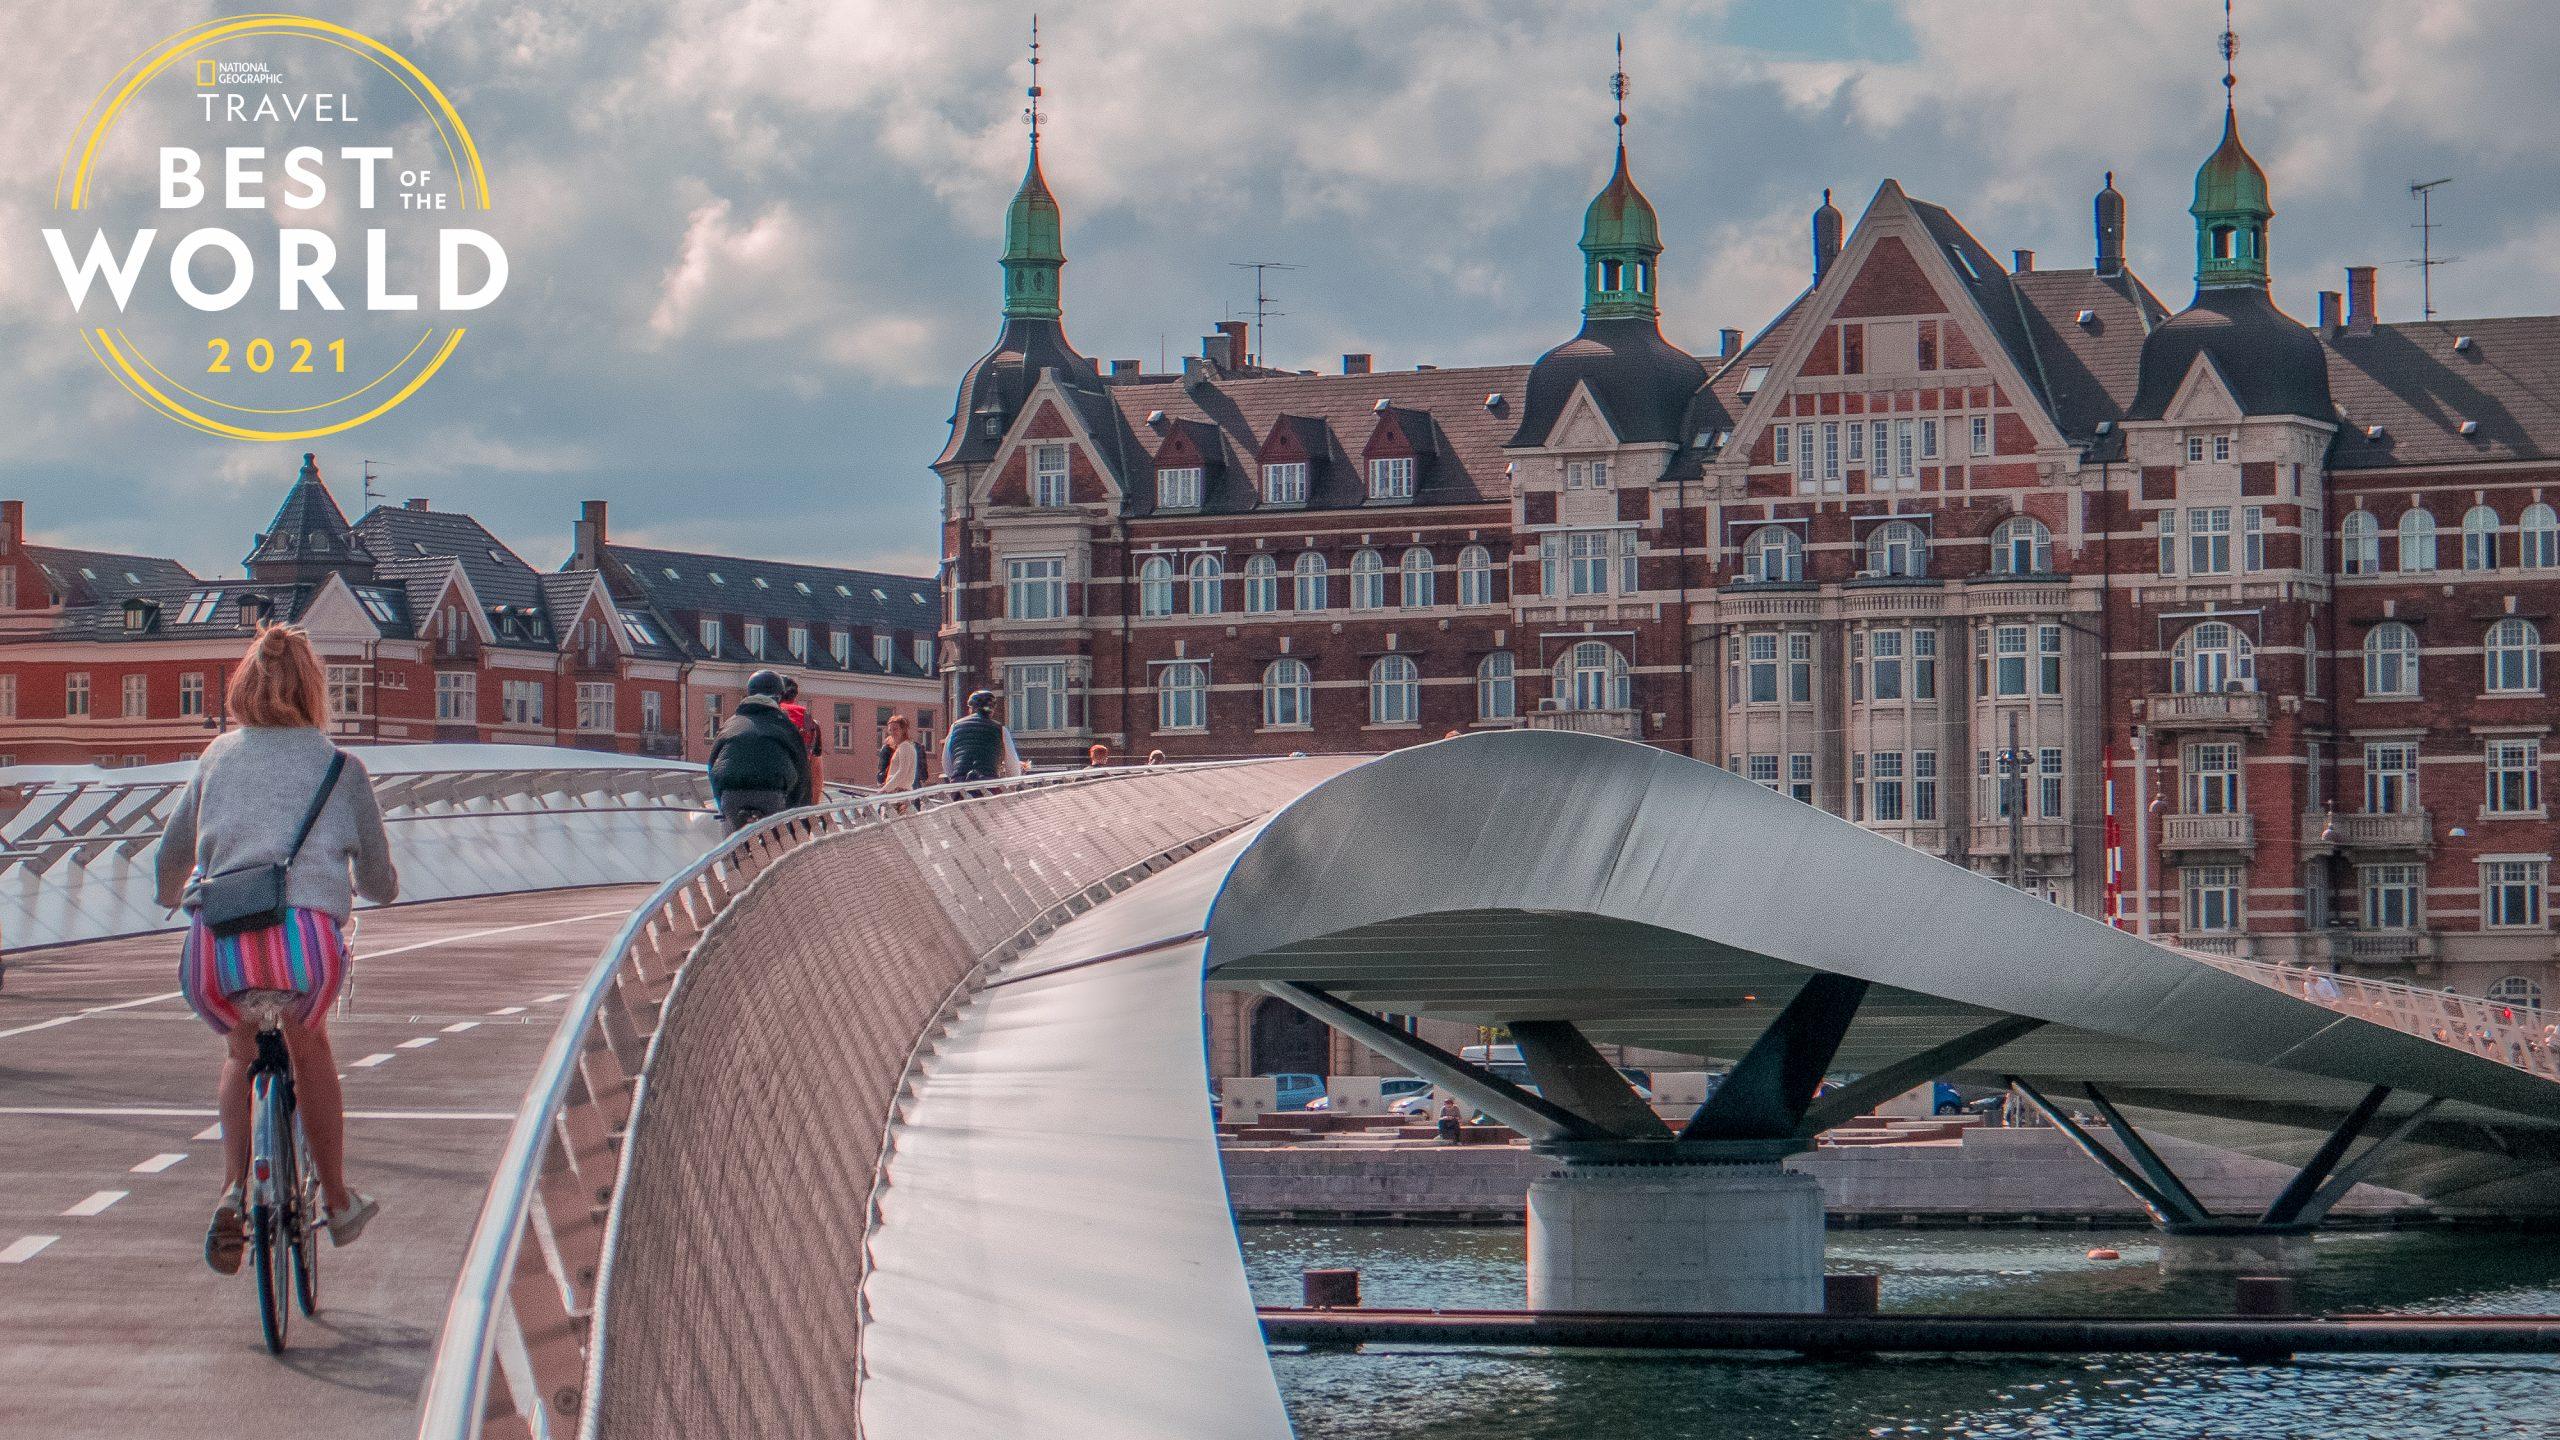 København er et af de 25 udvalgte rejsemål på National Geographics liste Best of the World 2021. Foto via Wonderful Copenhagen: Giuseppe Liverino.